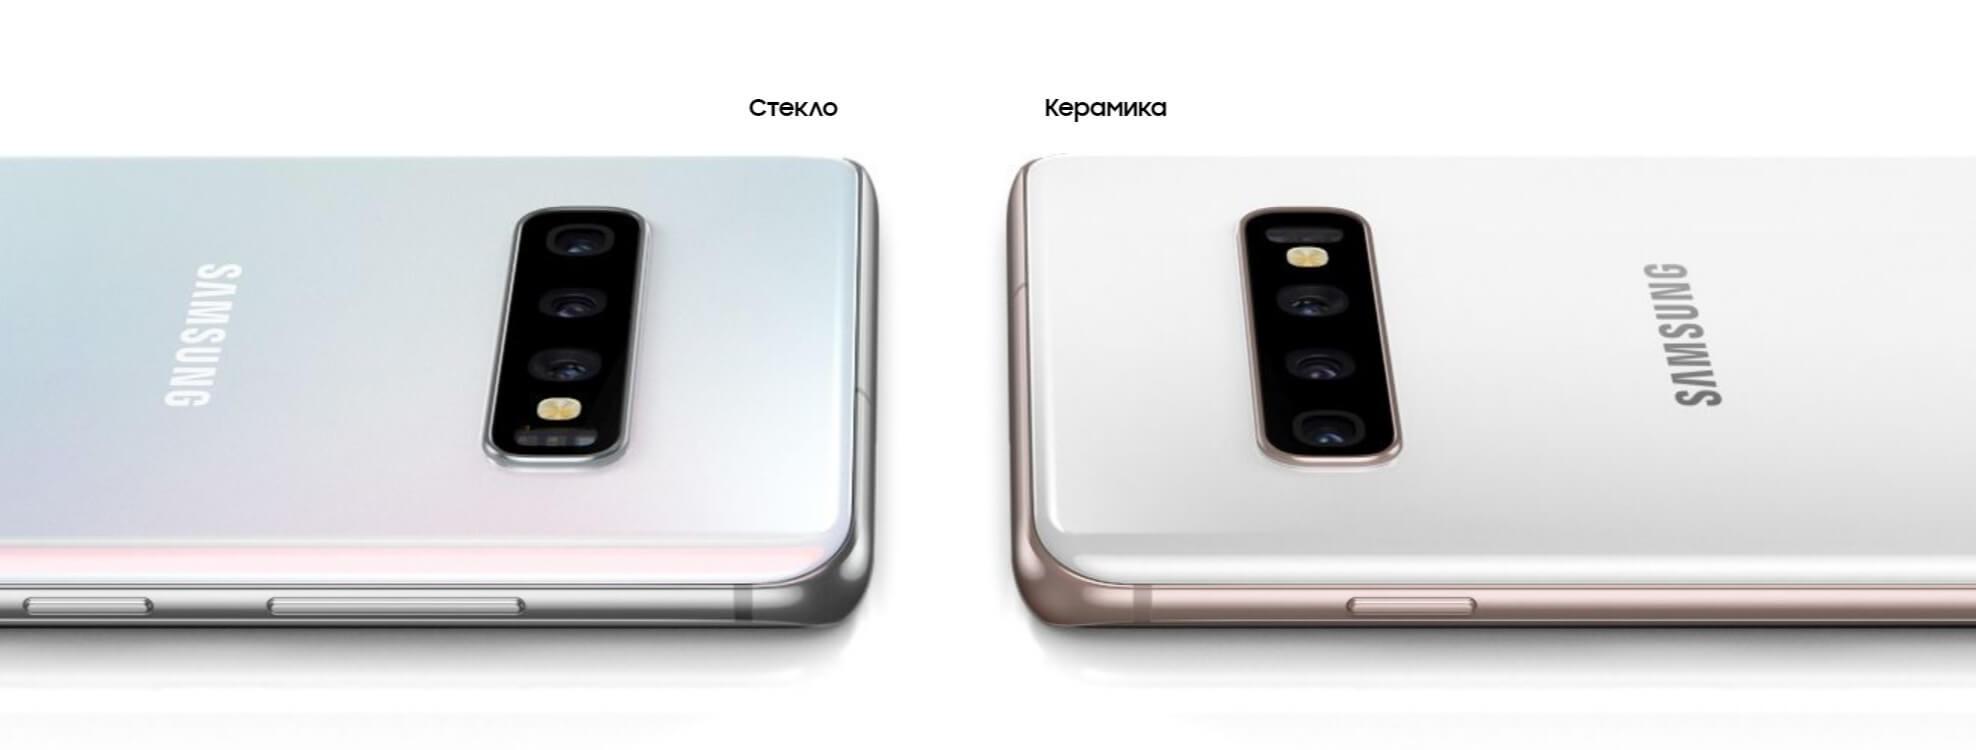 Сравнение стеклянного и керамического корпуса Galaxy S10 Plus